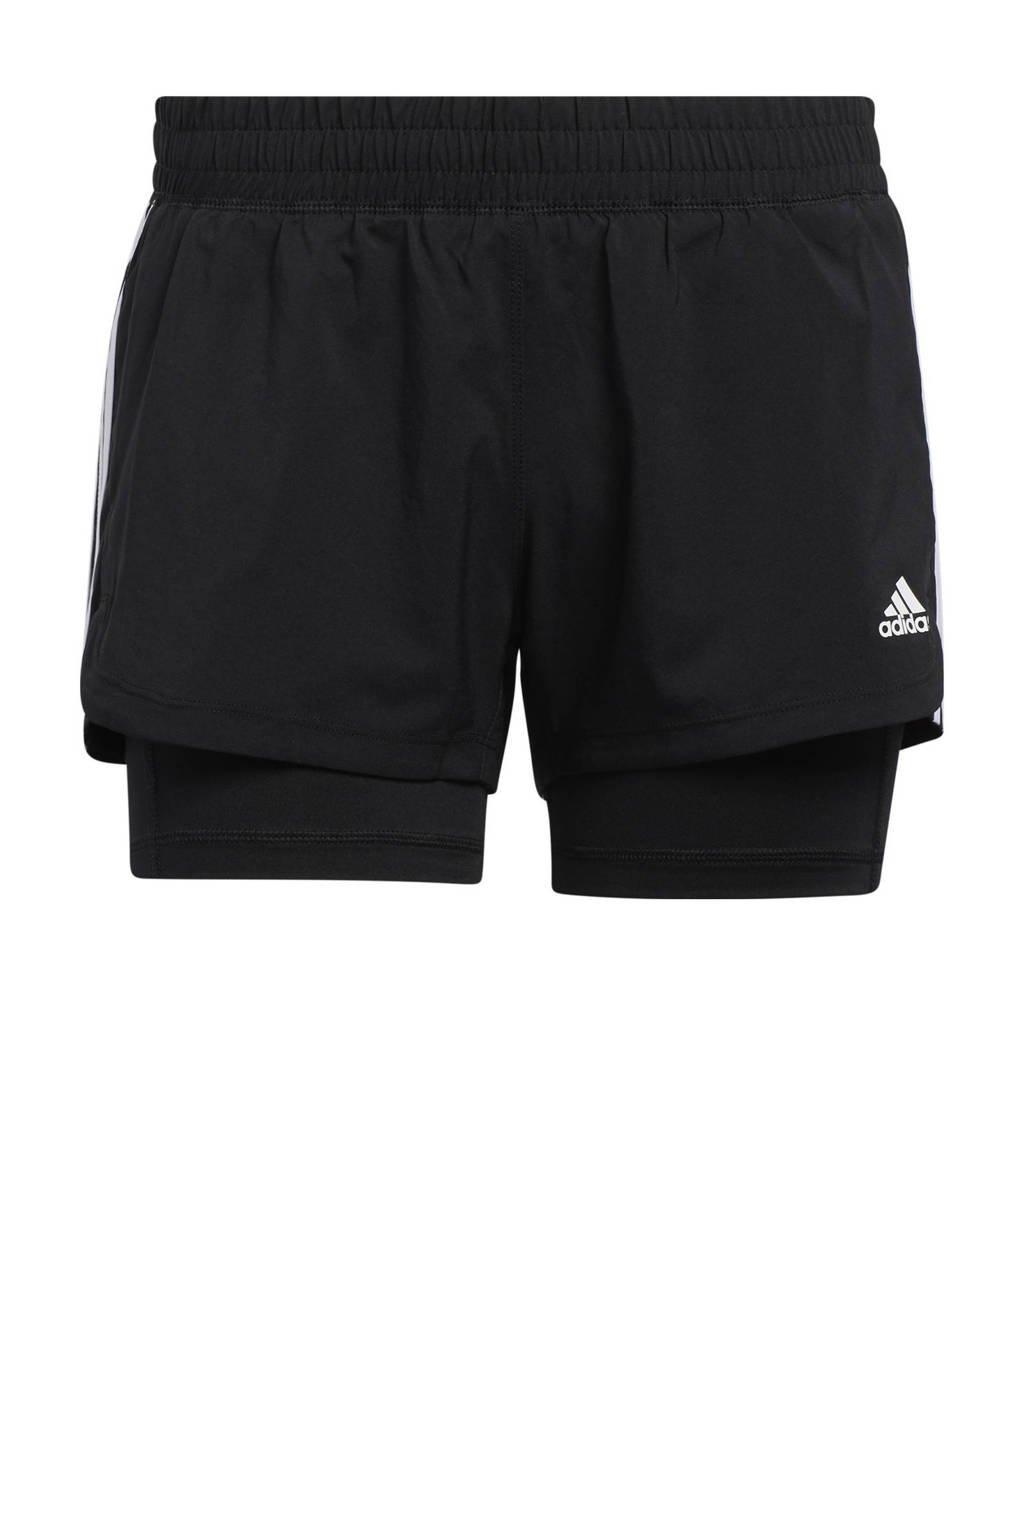 adidas Performance 2-in-1 sportshort zwart/wit, Zwart/wit